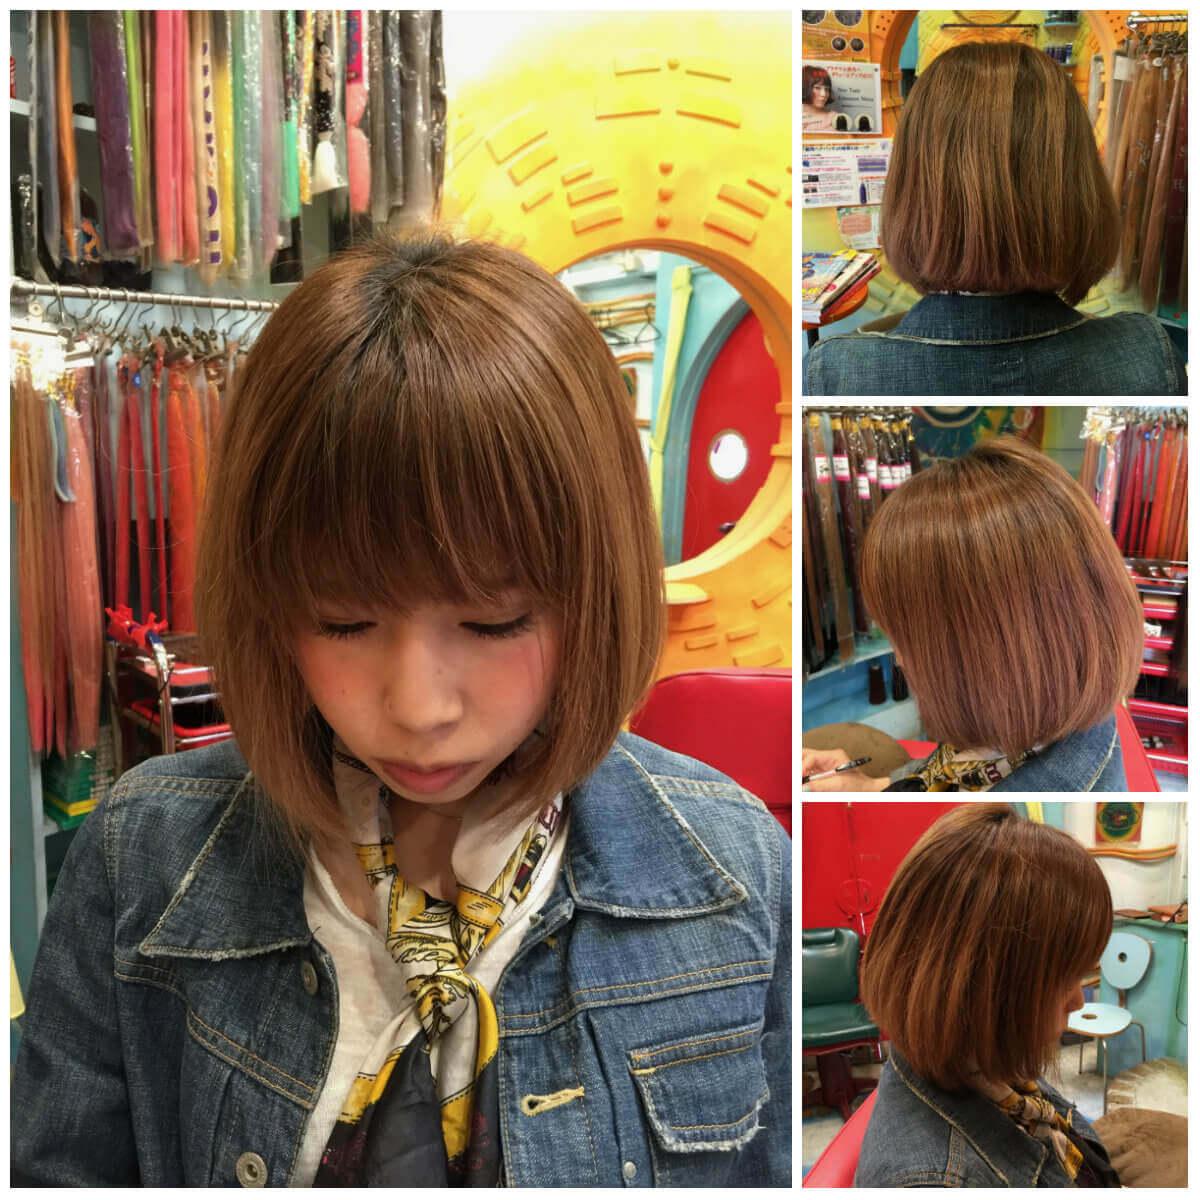 日本一馴染むエクステ専門店セクション Before & After 重めぱっつんボブにエクステ Before